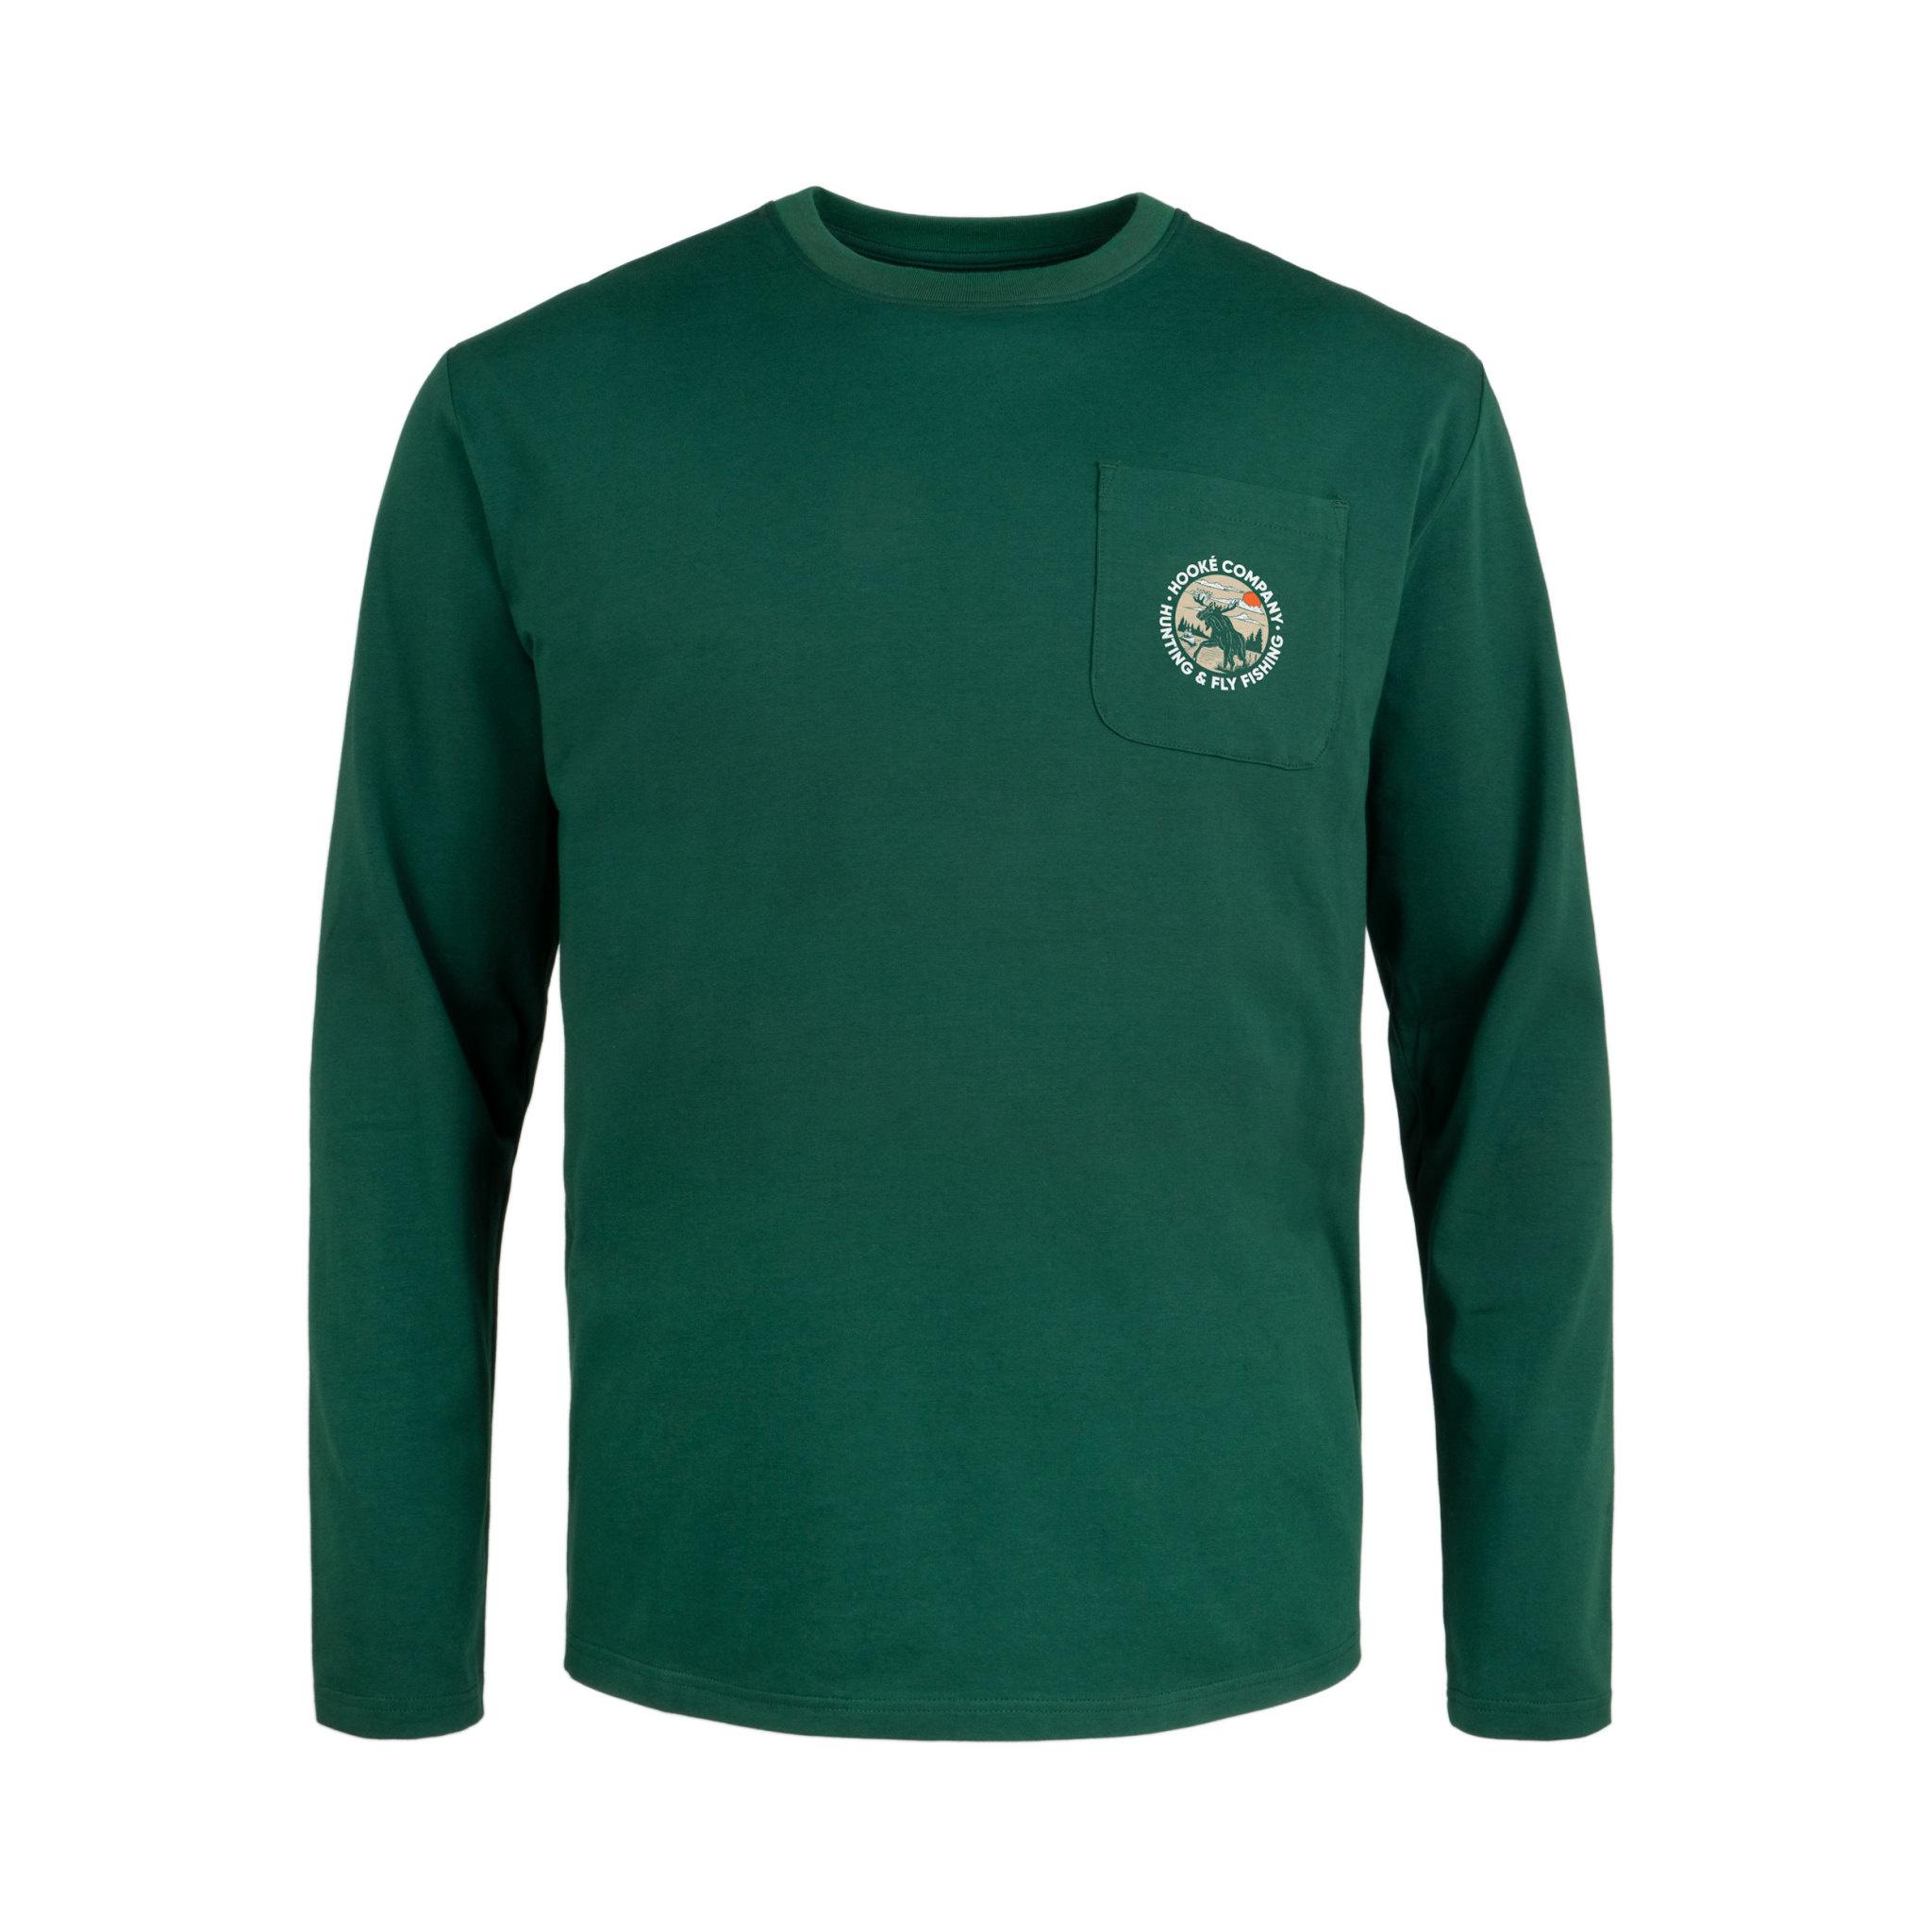 Explore Long Sleeve Alpin Green